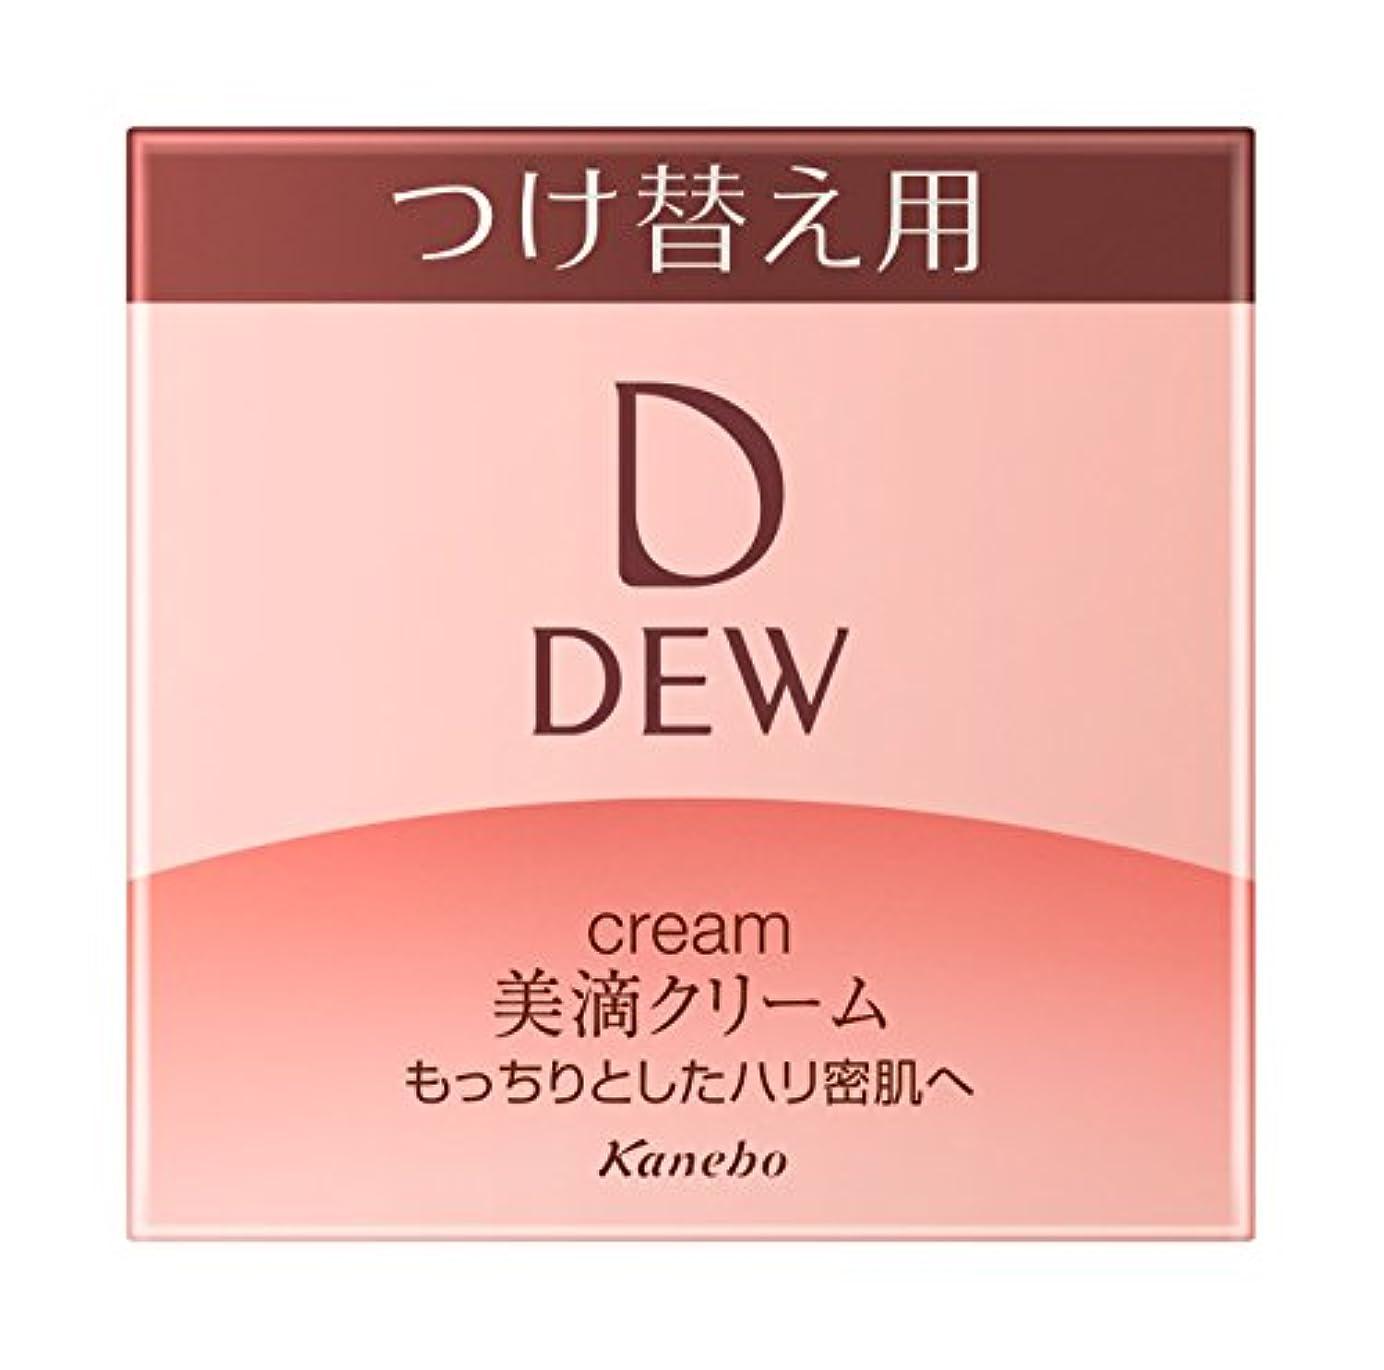 スポンジアクセント壮大DEW クリーム レフィル 30g 保湿クリーム